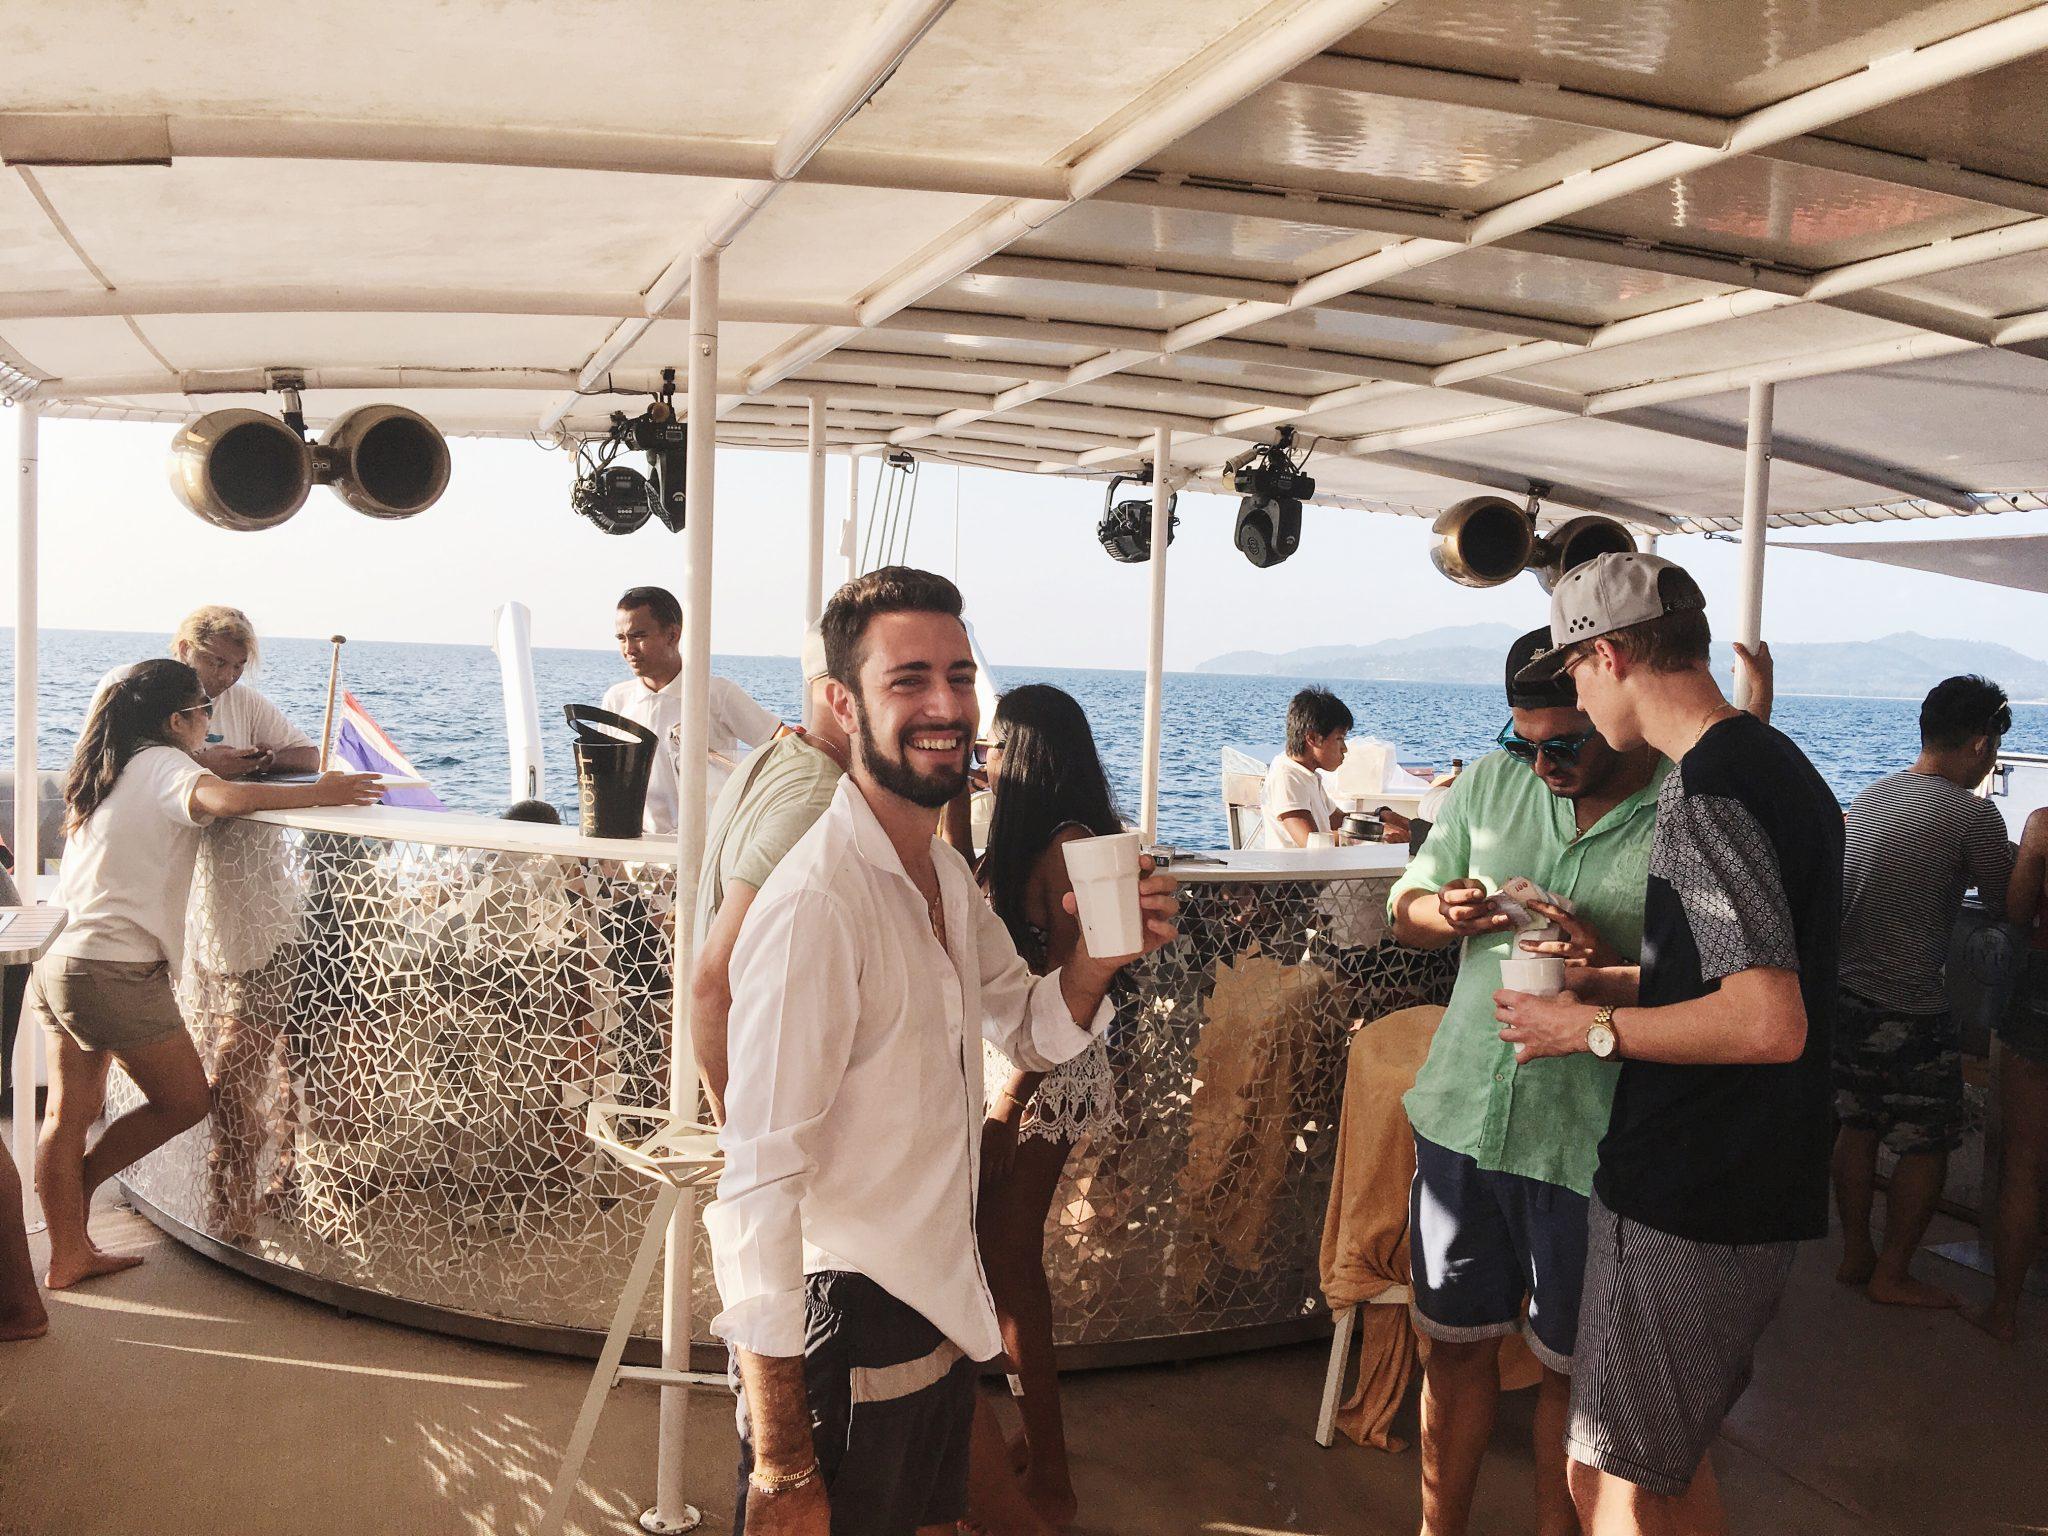 Hype-luxury-boat-karlaroundtheworld